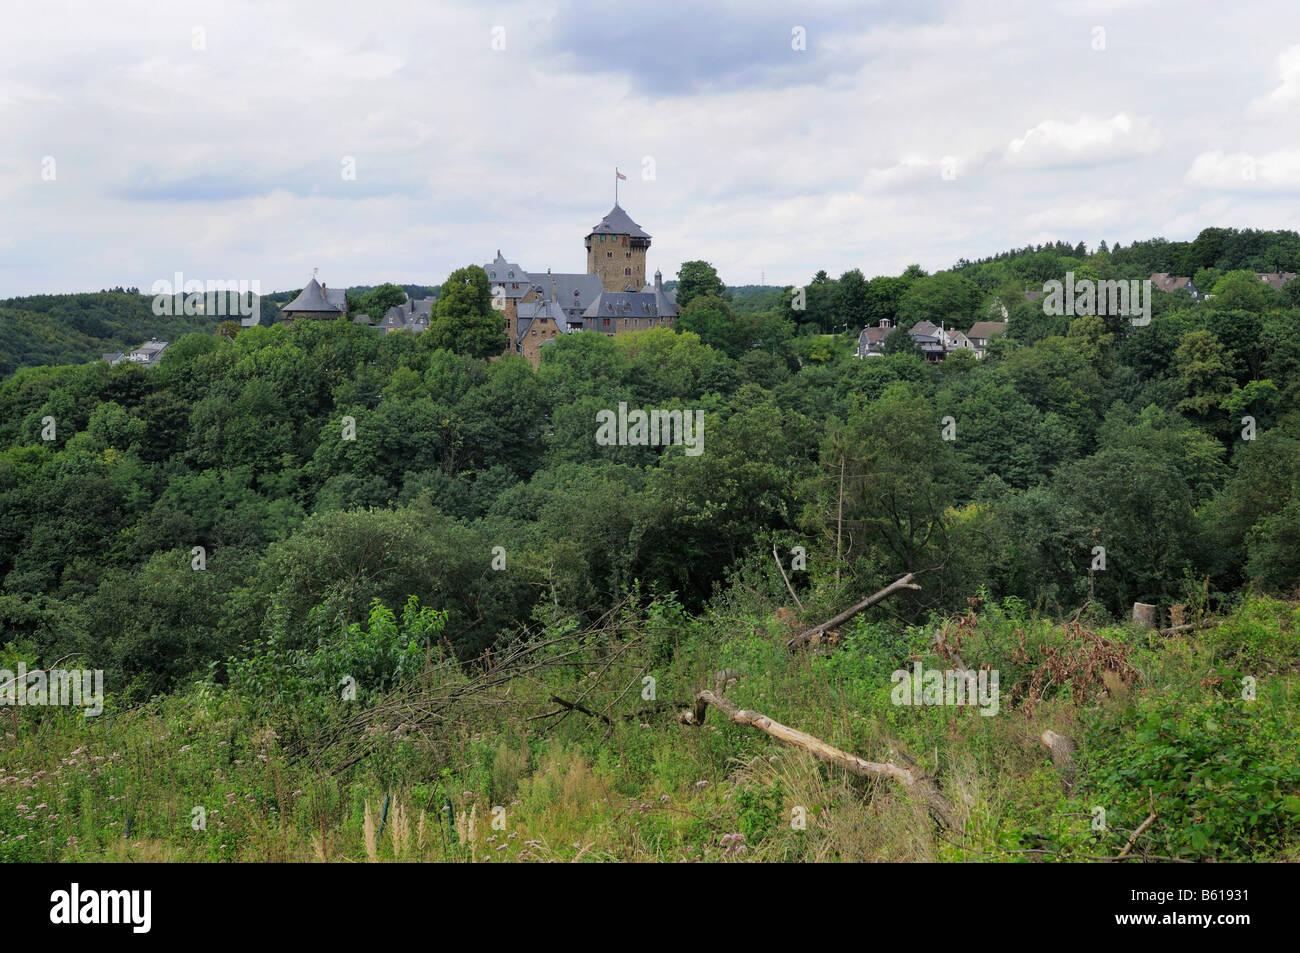 Ansicht der Burg Burg Burg eine der Wupper, Solingen, Nordrhein-Westfalen Stockbild